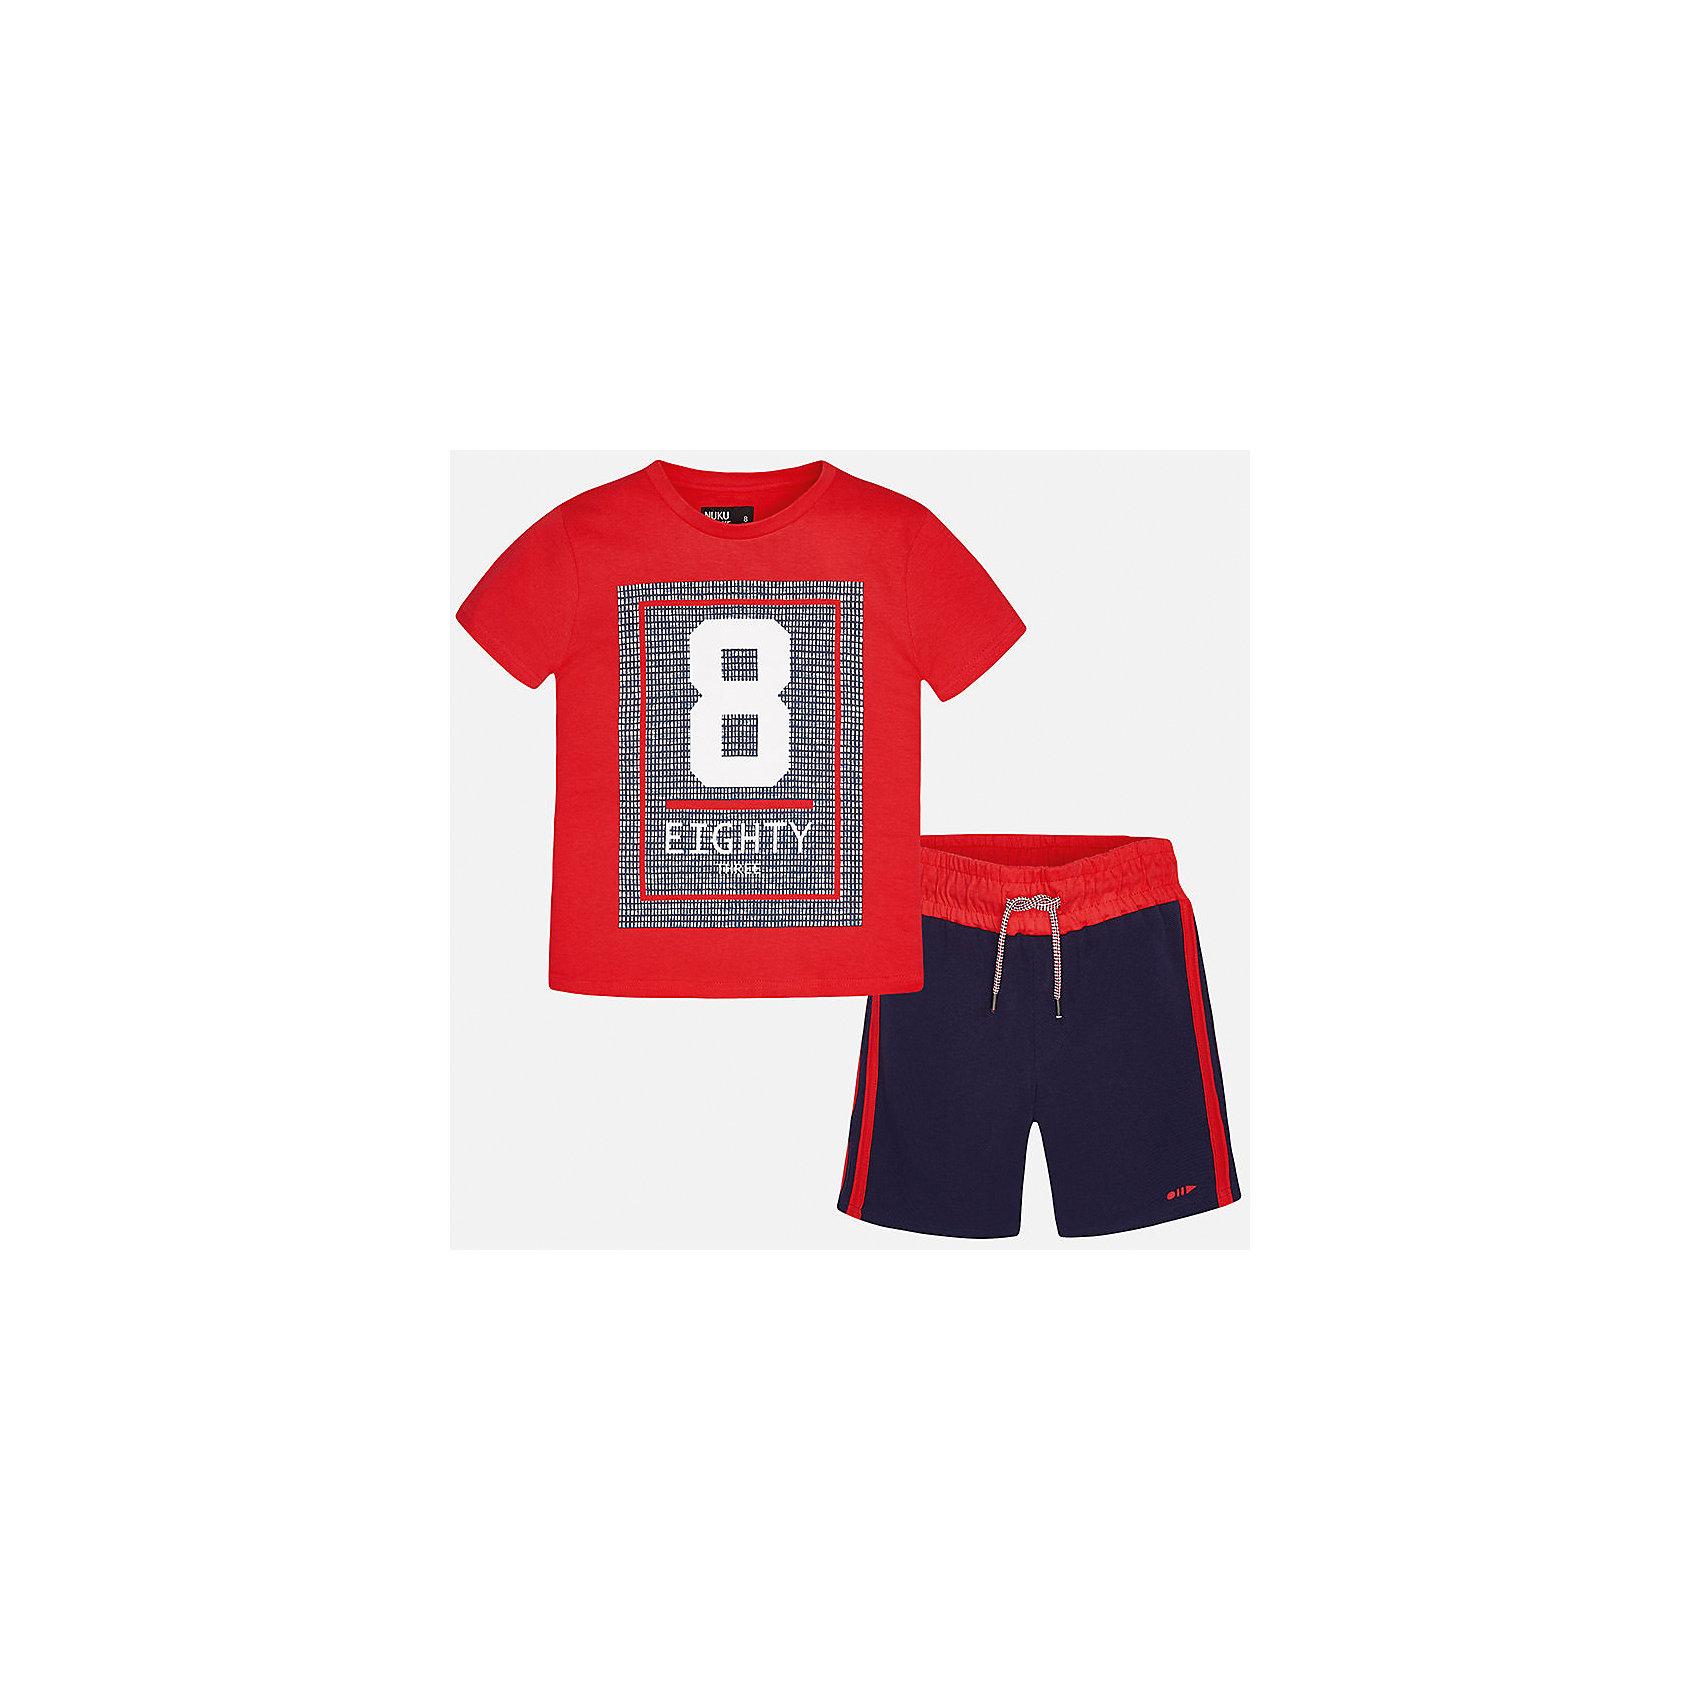 Комплект: футболка и брюки для мальчика MayoralСпортивная форма<br>Характеристики товара:<br><br>• цвет: красный/синий<br>• состав: 100% хлопок<br>• комплектация: шорты, футболка<br>• круглый горловой вырез<br>• декорирована принтом<br>• короткие рукава<br>• шорты - пояс со шнурком<br>• страна бренда: Испания<br><br>Стильная удобная футболка с принтом и шорты помогут разнообразить гардероб мальчика и удобно одеться. Универсальный цвет позволяет подобрать к вещам верхнюю одежду практически любой расцветки. Интересная отделка модели делает её нарядной и оригинальной. В составе материала - только натуральный хлопок, гипоаллергенный, приятный на ощупь, дышащий.<br><br>Одежда, обувь и аксессуары от испанского бренда Mayoral полюбились детям и взрослым по всему миру. Модели этой марки - стильные и удобные. Для их производства используются только безопасные, качественные материалы и фурнитура. Порадуйте ребенка модными и красивыми вещами от Mayoral! <br><br>Комплект для мальчика от испанского бренда Mayoral (Майорал) можно купить в нашем интернет-магазине.<br><br>Ширина мм: 215<br>Глубина мм: 88<br>Высота мм: 191<br>Вес г: 336<br>Цвет: розовый<br>Возраст от месяцев: 84<br>Возраст до месяцев: 96<br>Пол: Мужской<br>Возраст: Детский<br>Размер: 128/134,170,164,158,152,140<br>SKU: 5282059